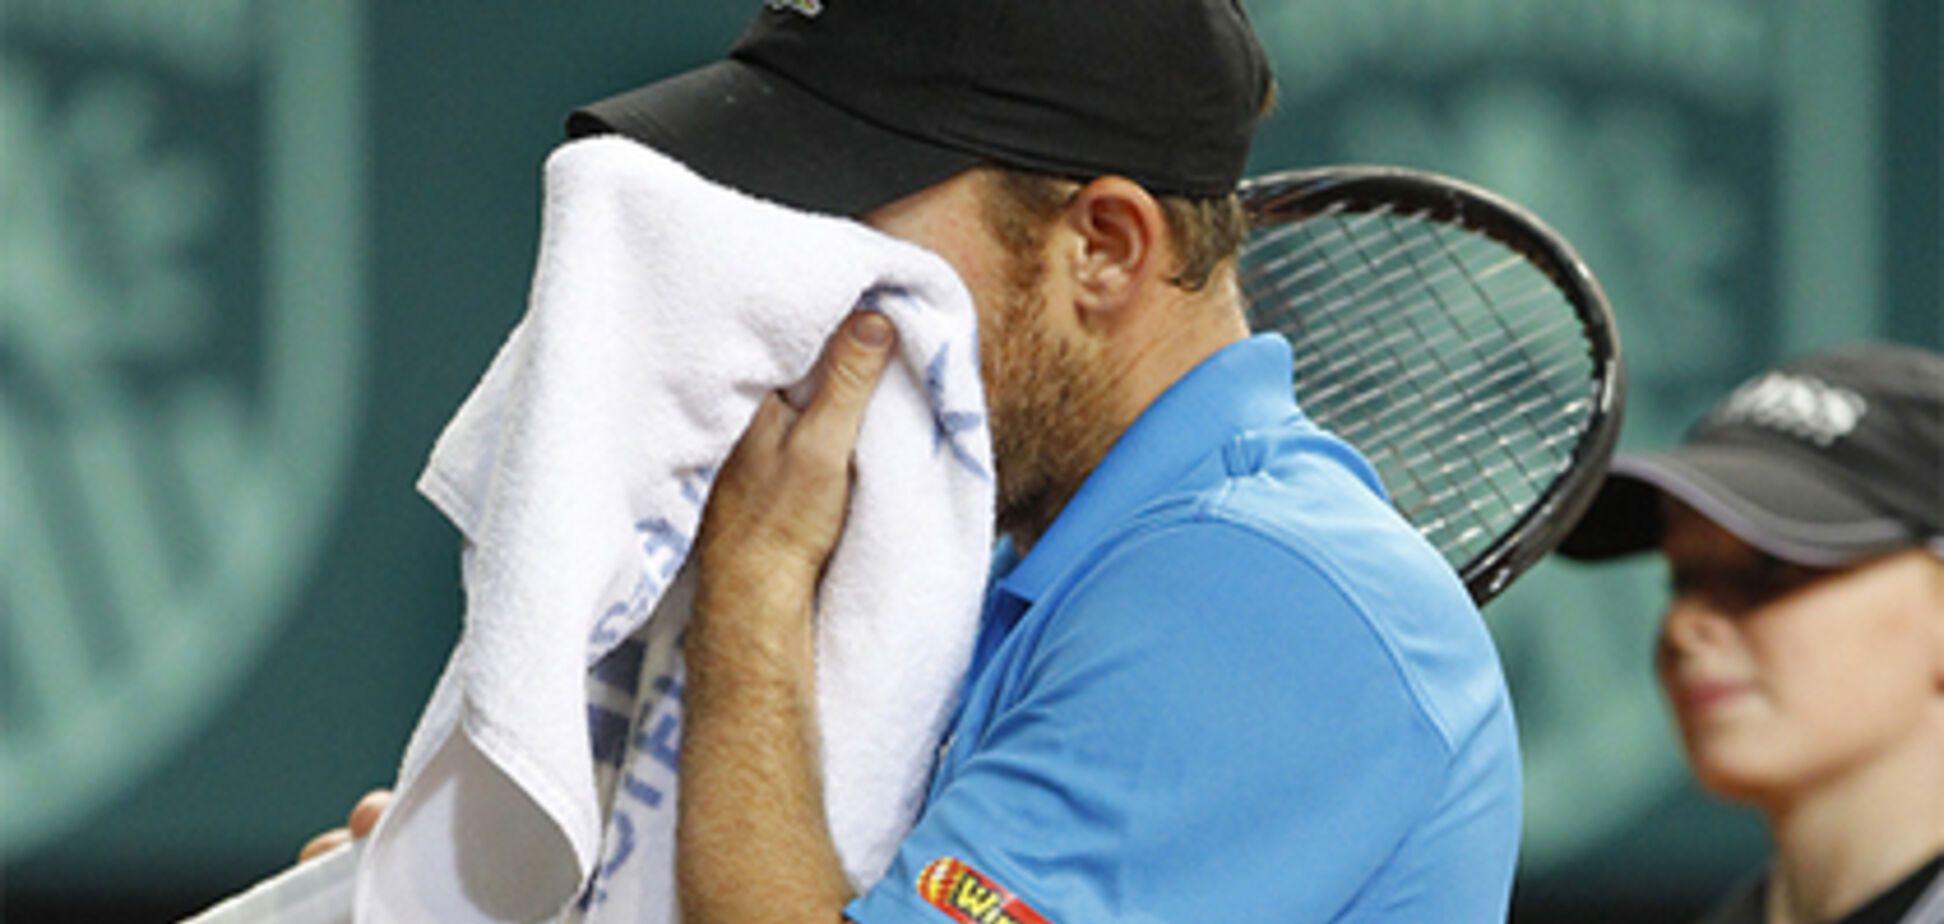 Суперник відмовився продовжувати матч із найкращим тенісистом України через незвичайну причину